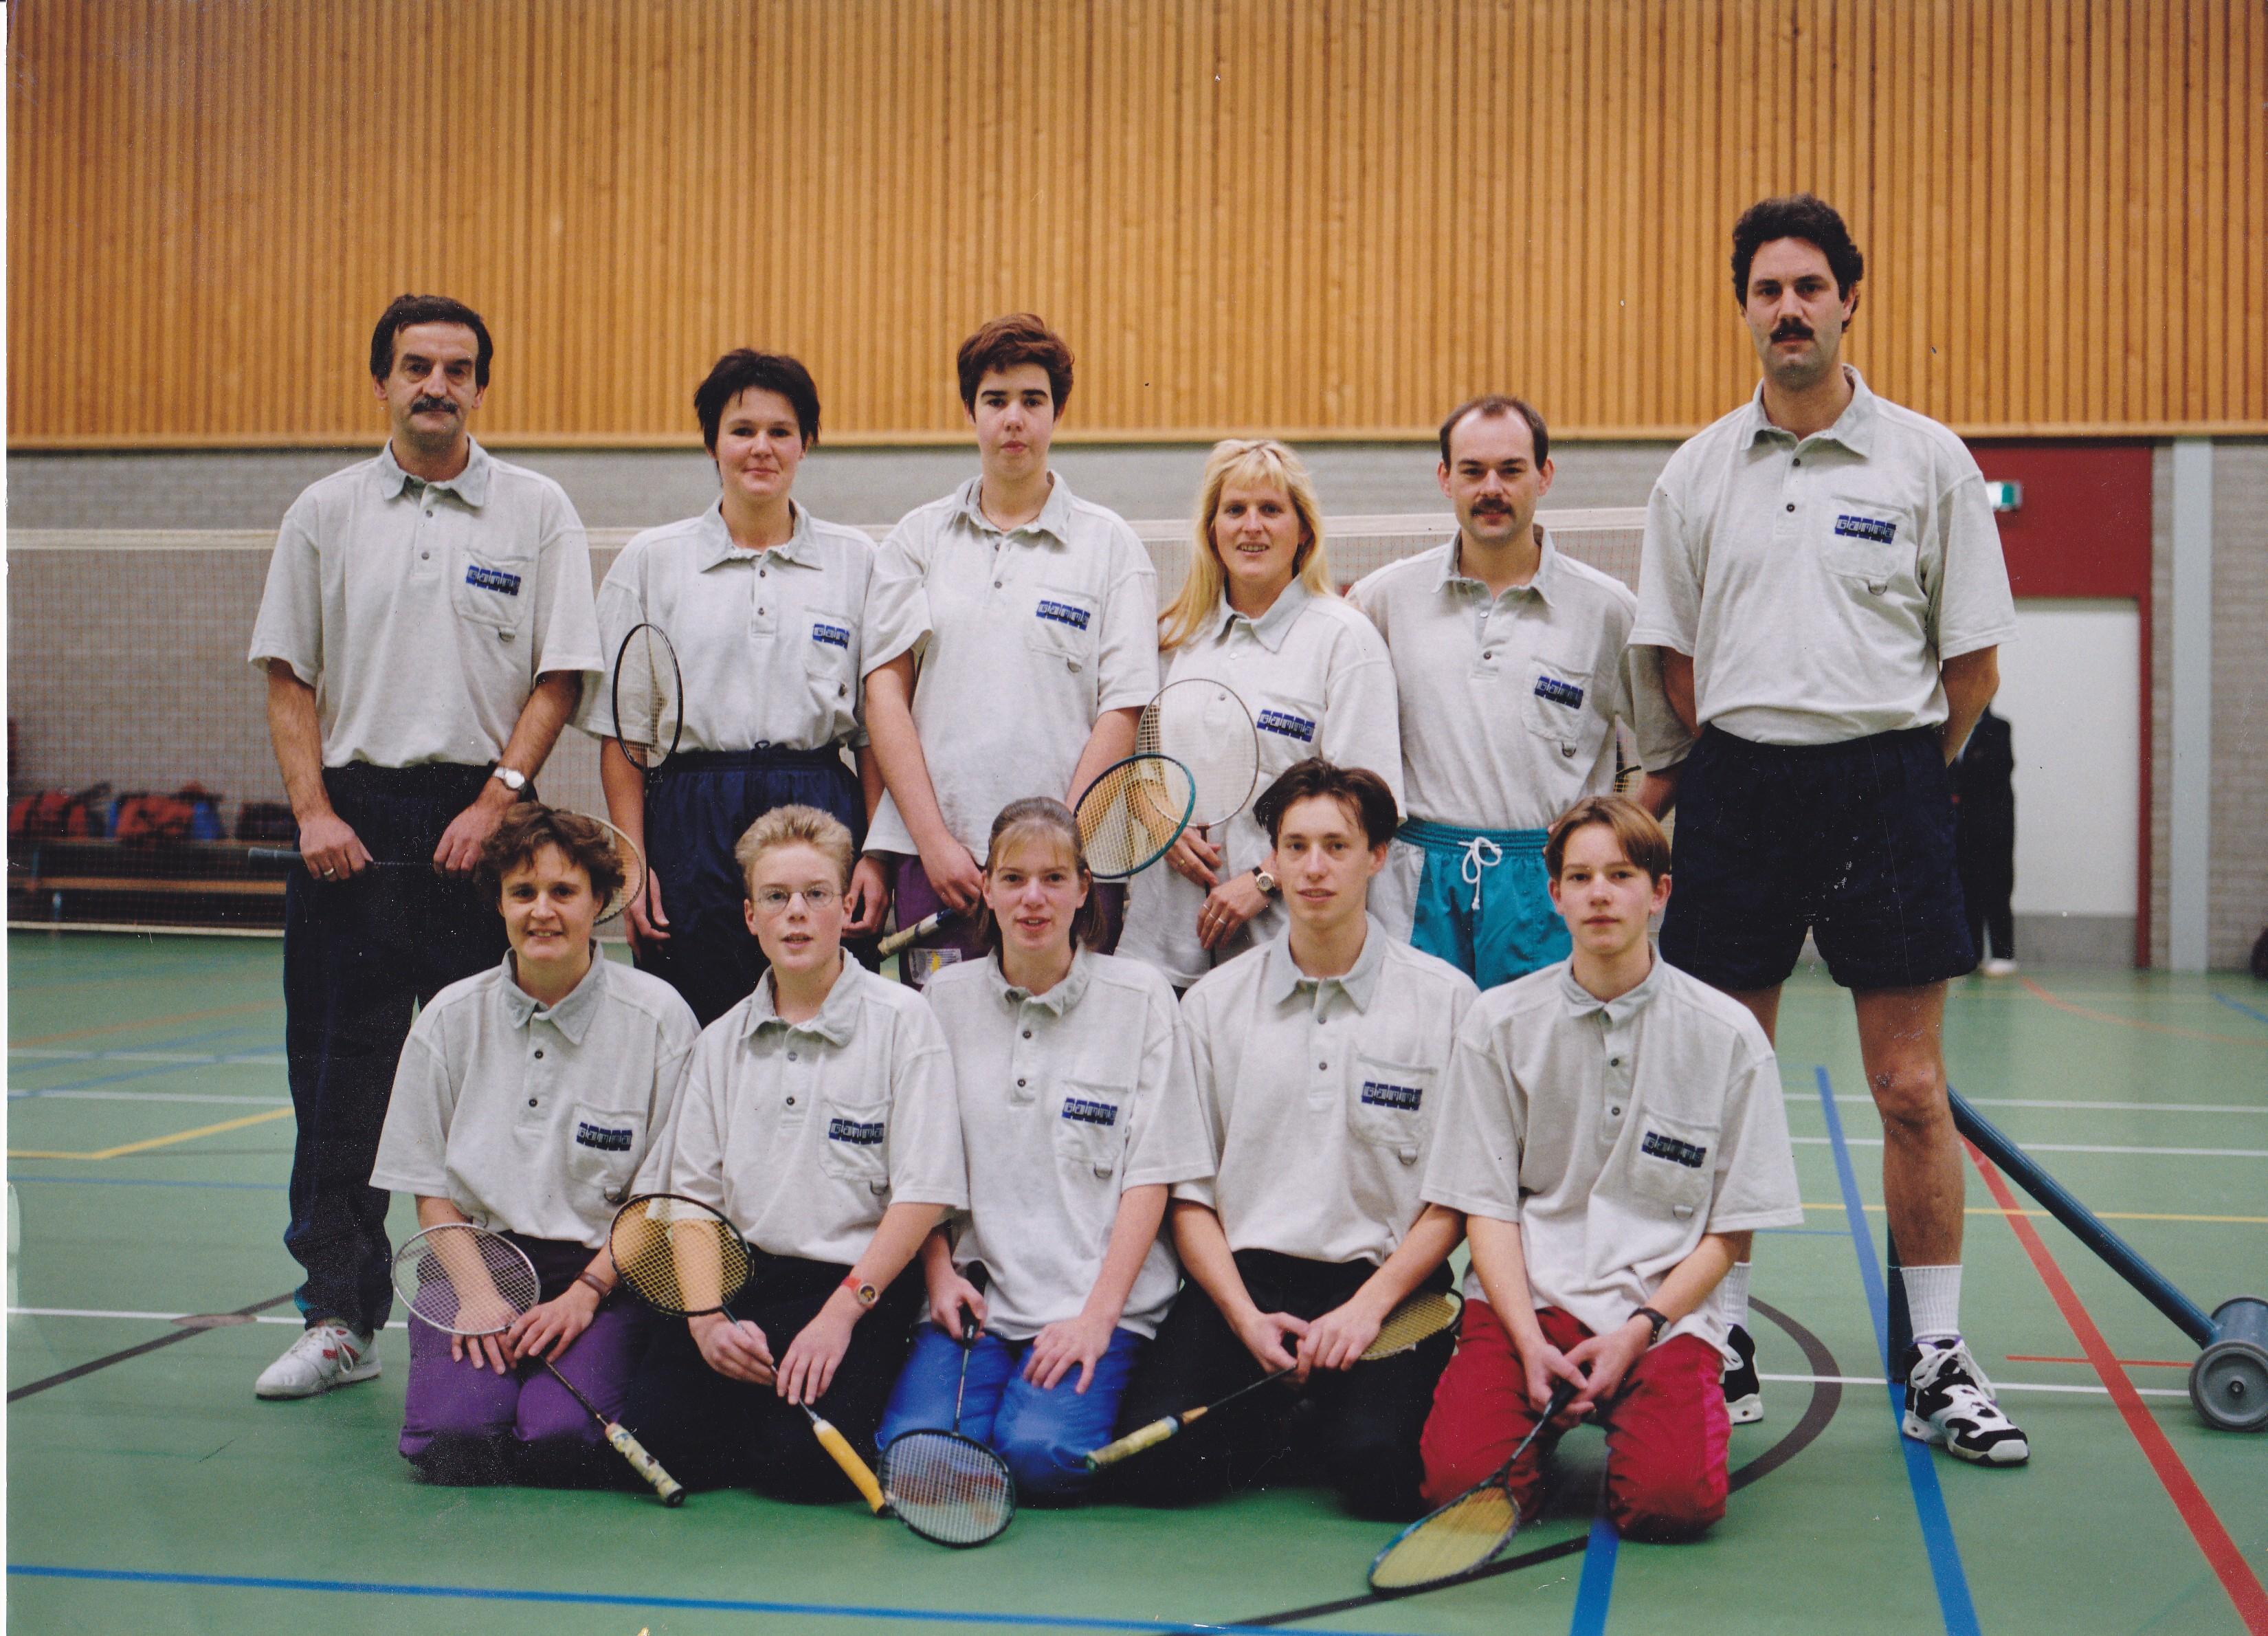 Teamfoto seizoen 1996/1997